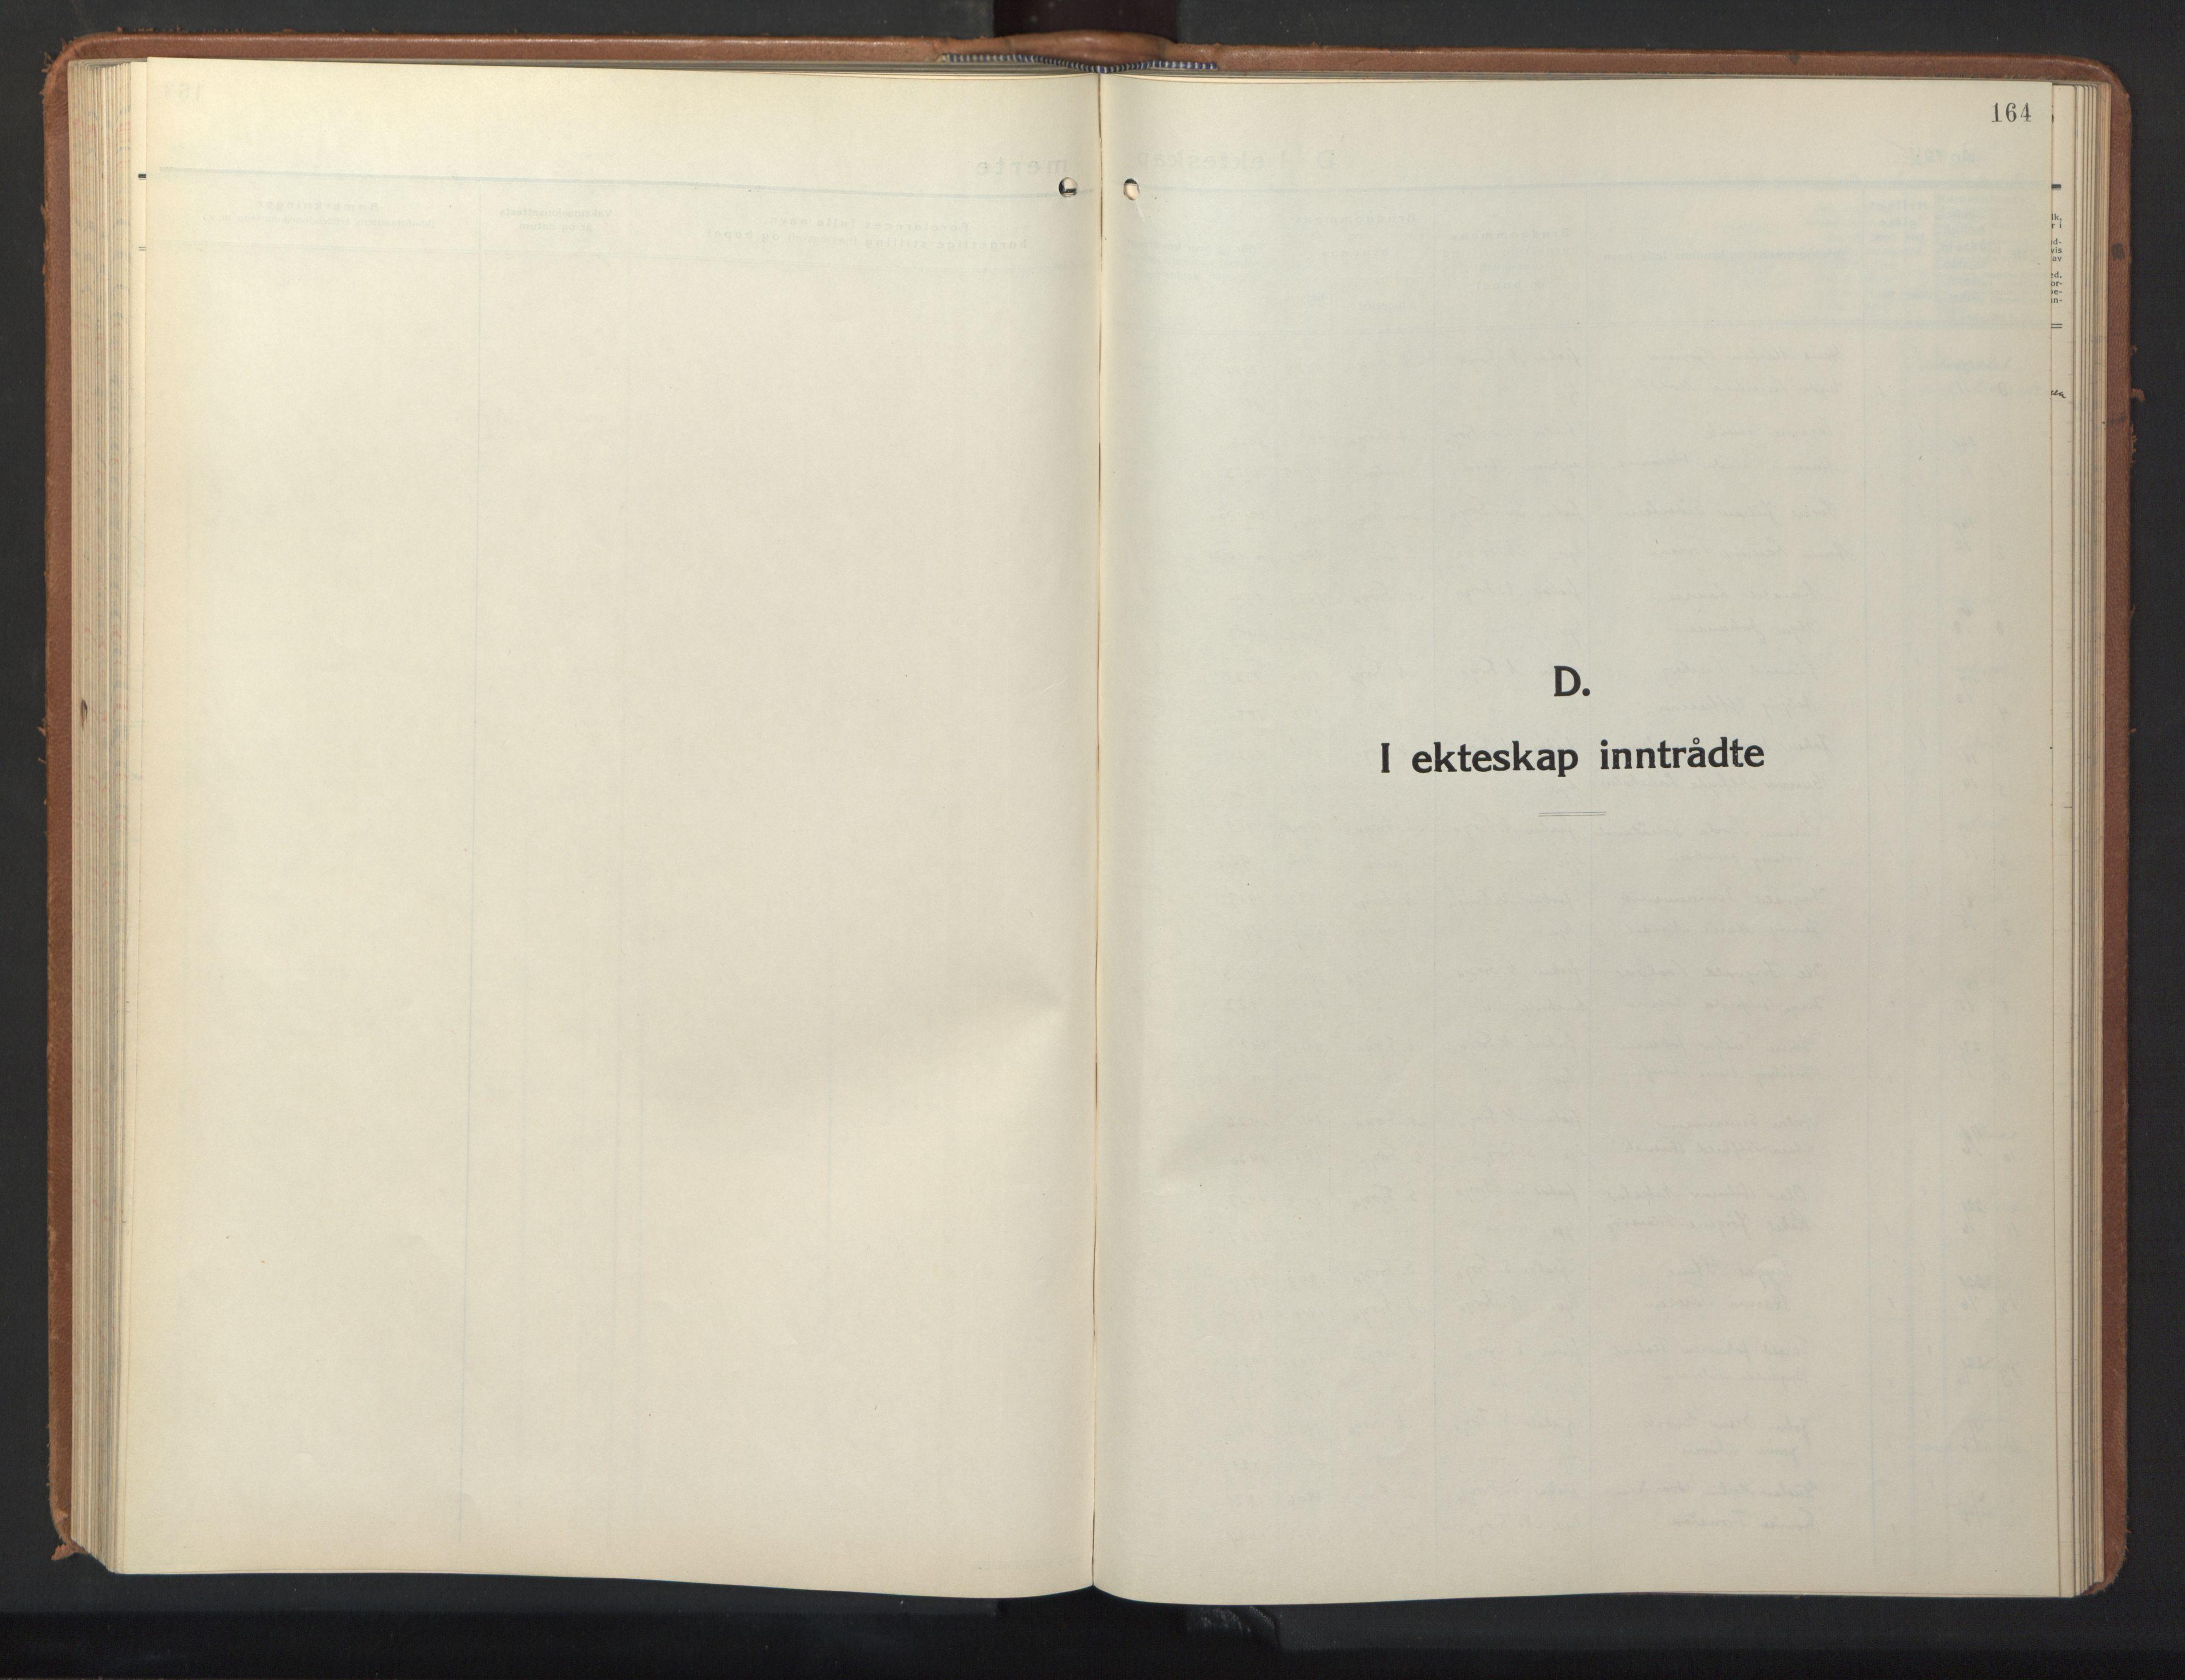 SAT, Ministerialprotokoller, klokkerbøker og fødselsregistre - Sør-Trøndelag, 640/L0590: Klokkerbok nr. 640C07, 1935-1948, s. 164